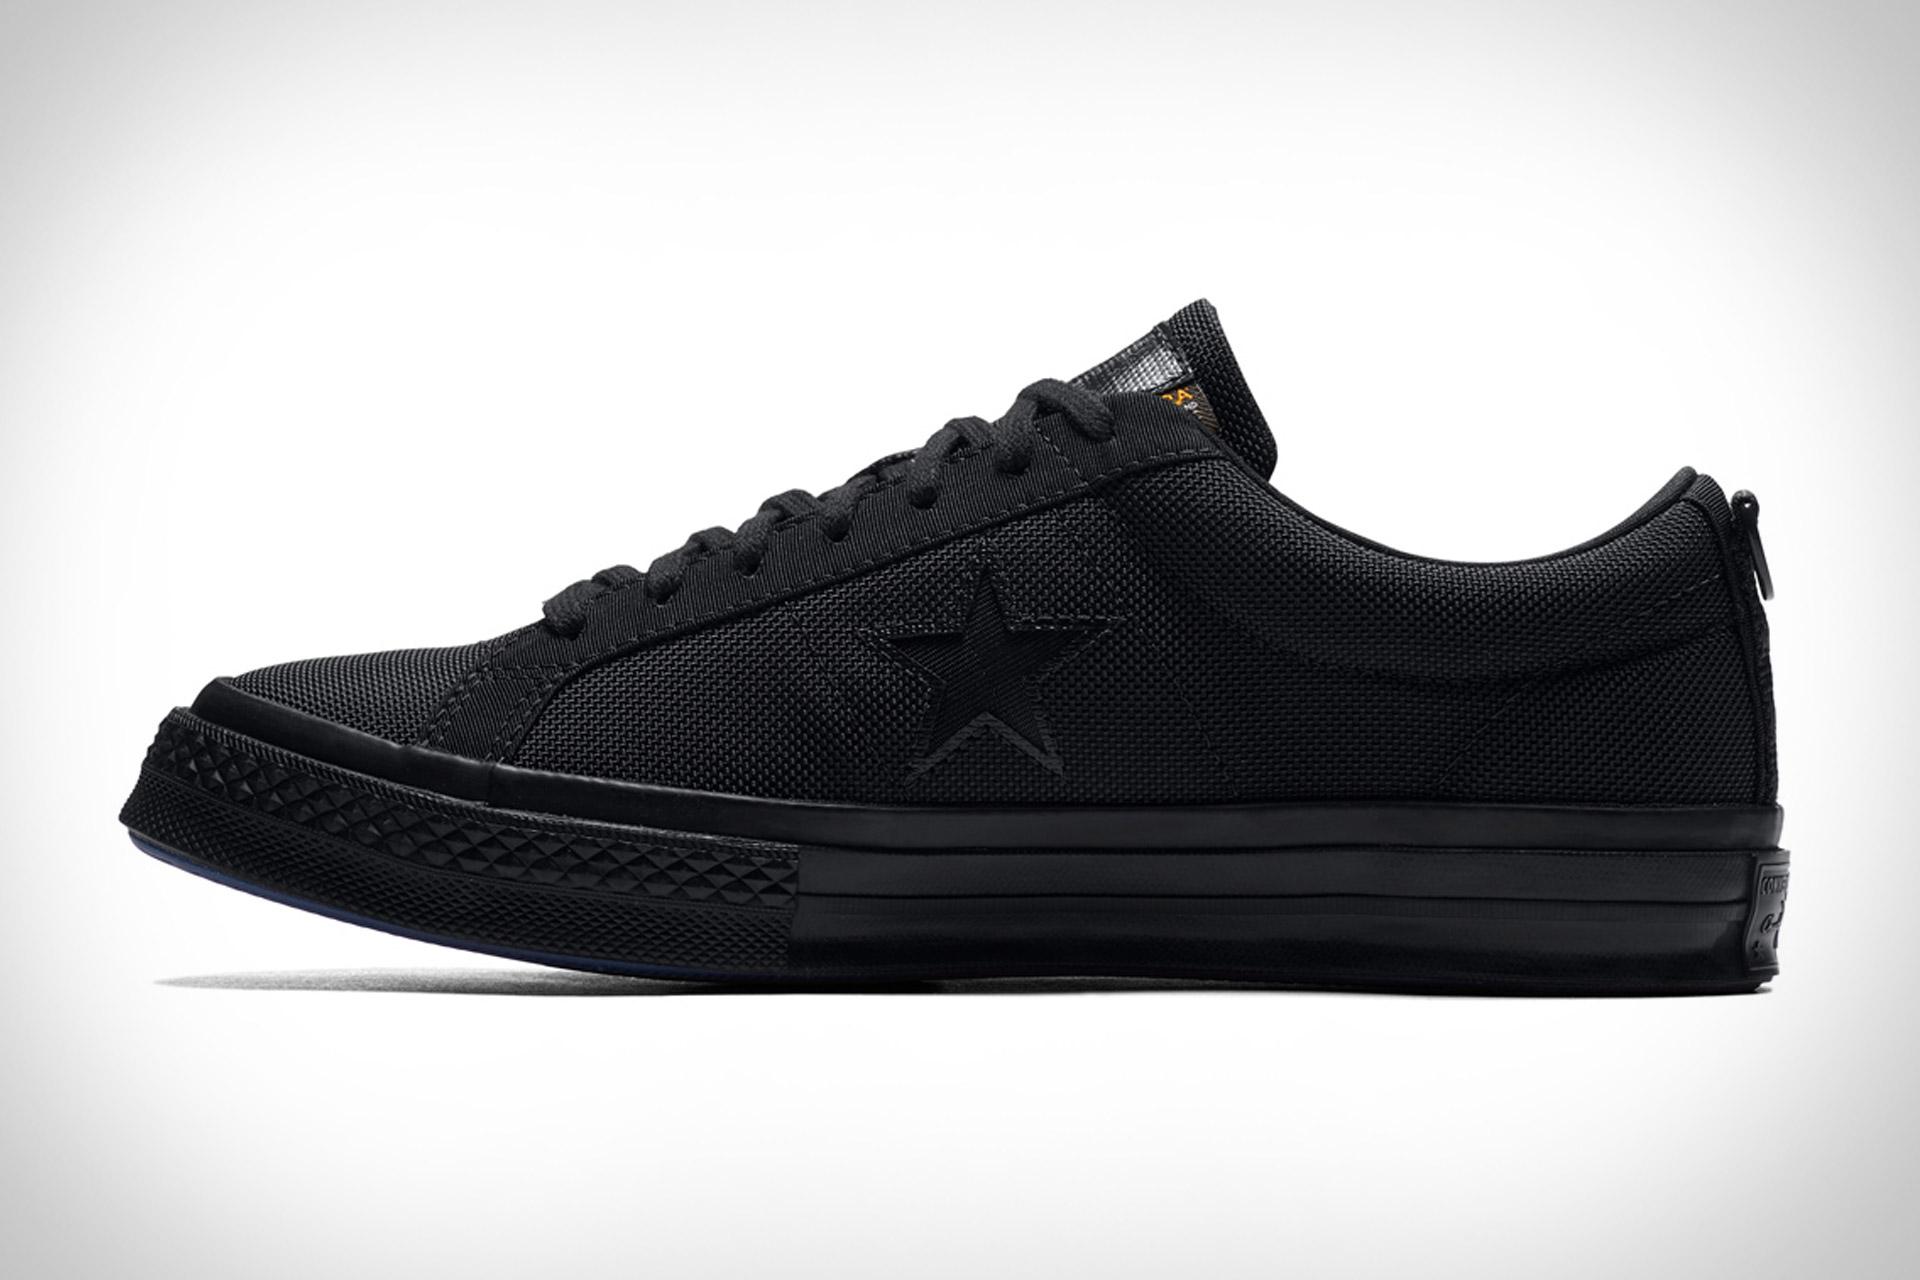 a2545ab2f40e1 Converse x Carhartt WIP One Star Sneaker